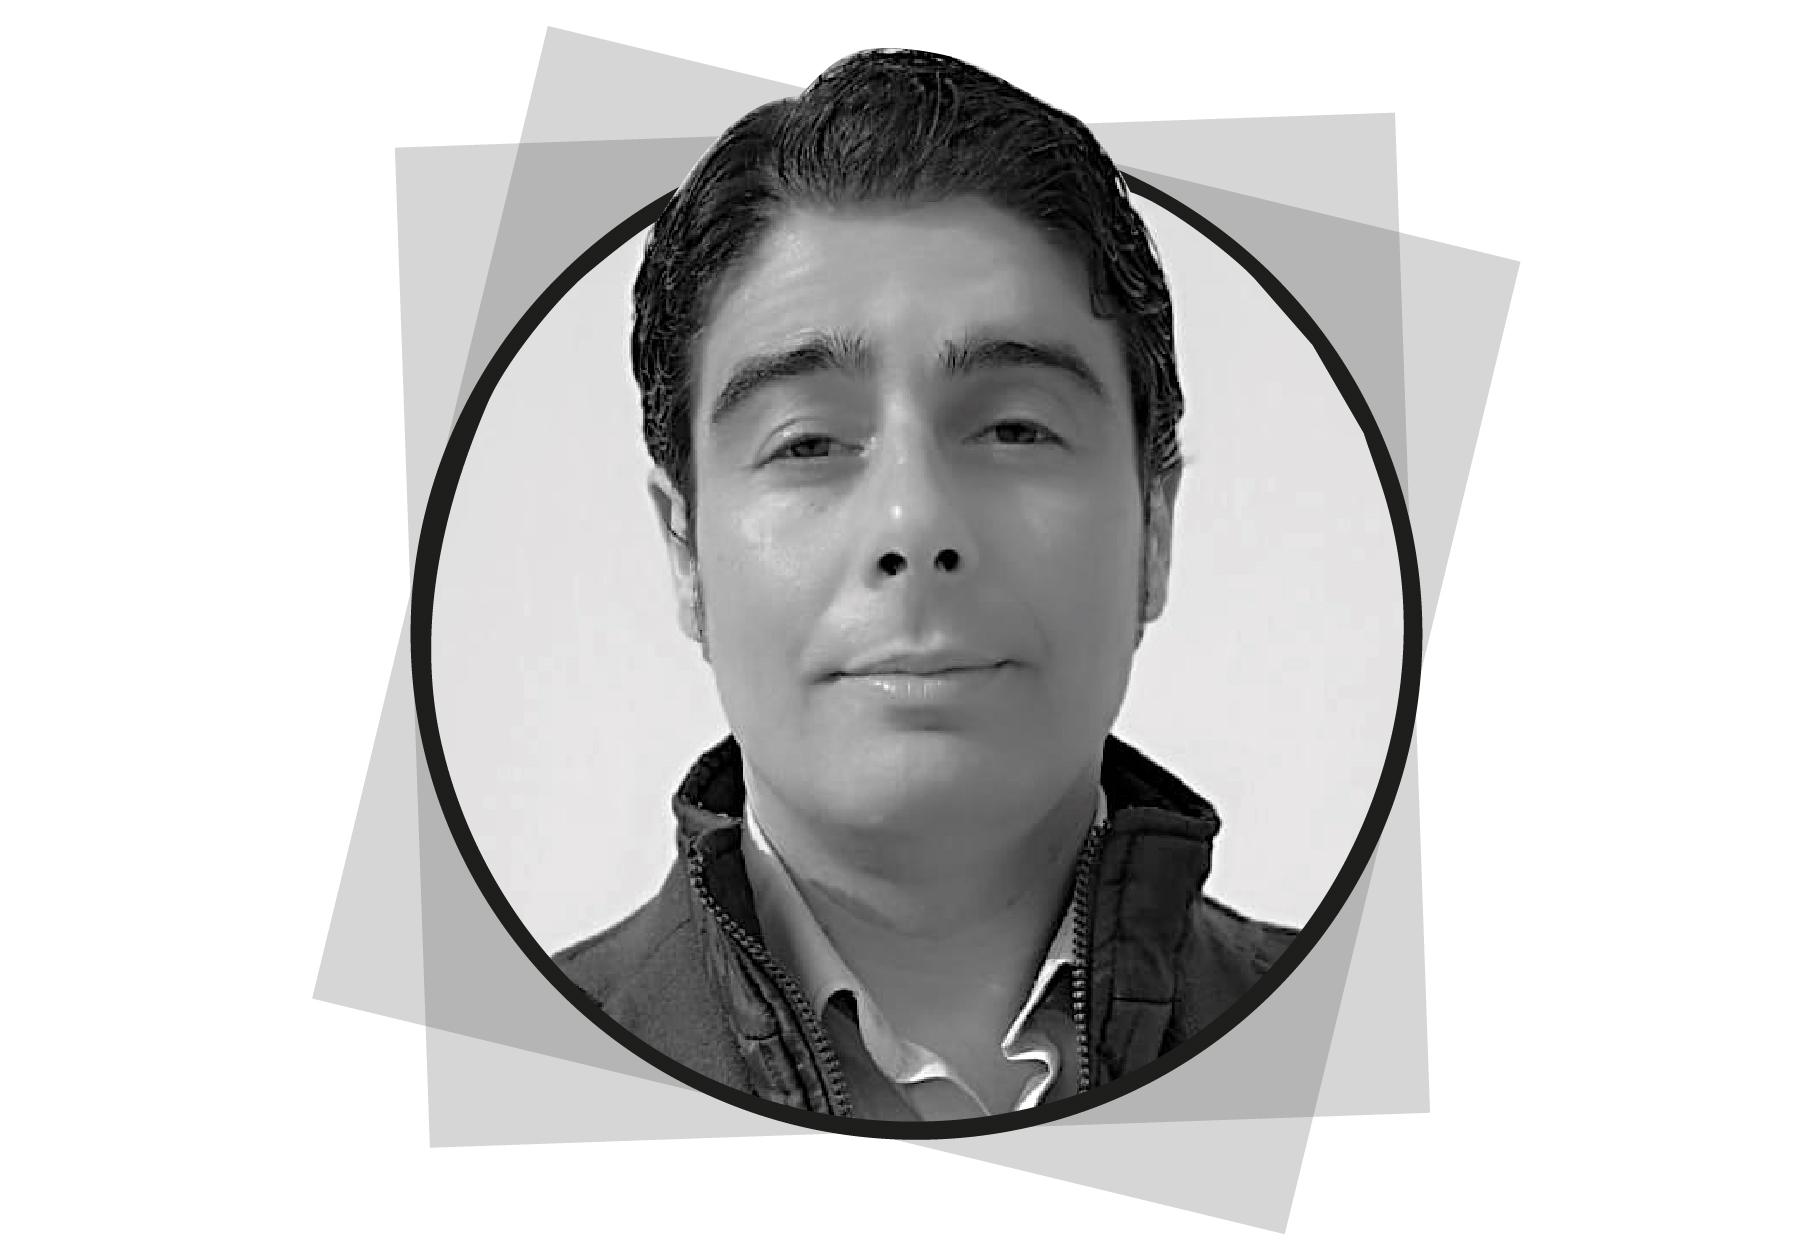 Mario Crivelli